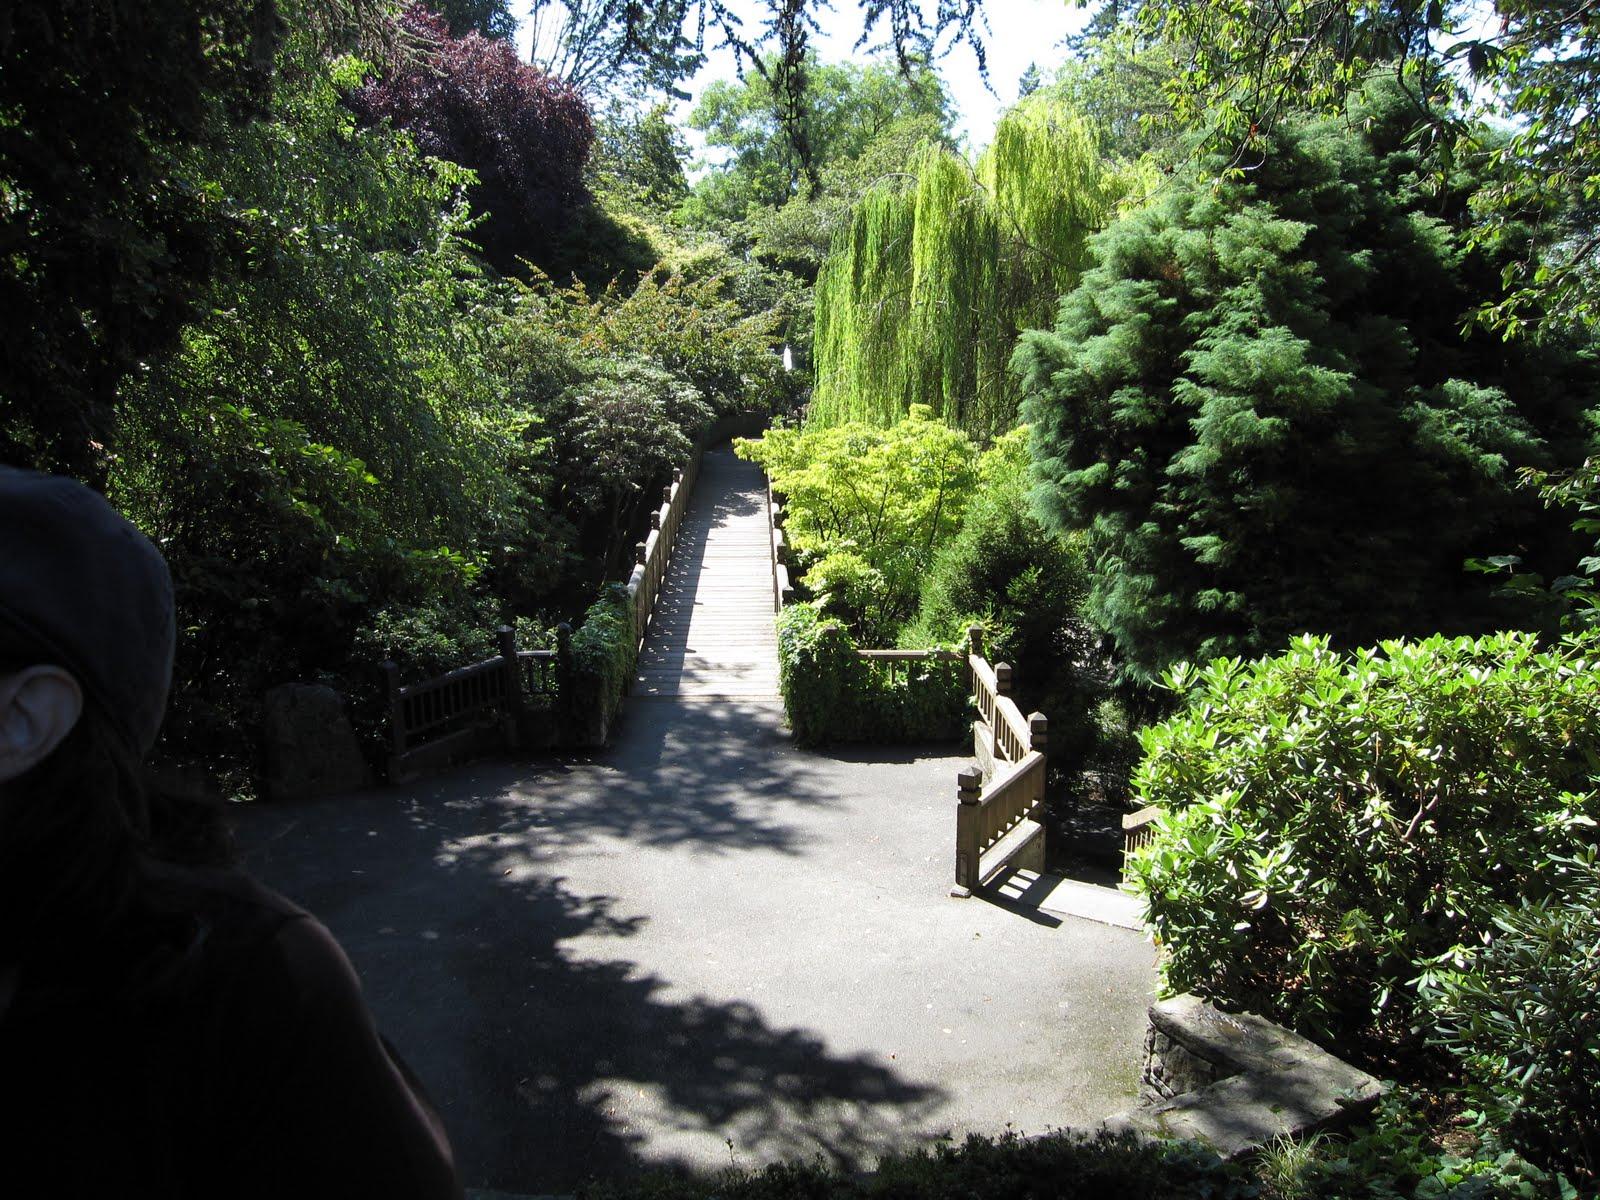 Mulchmaid crystal springs rhododendron garden for Crystal springs rhododendron garden